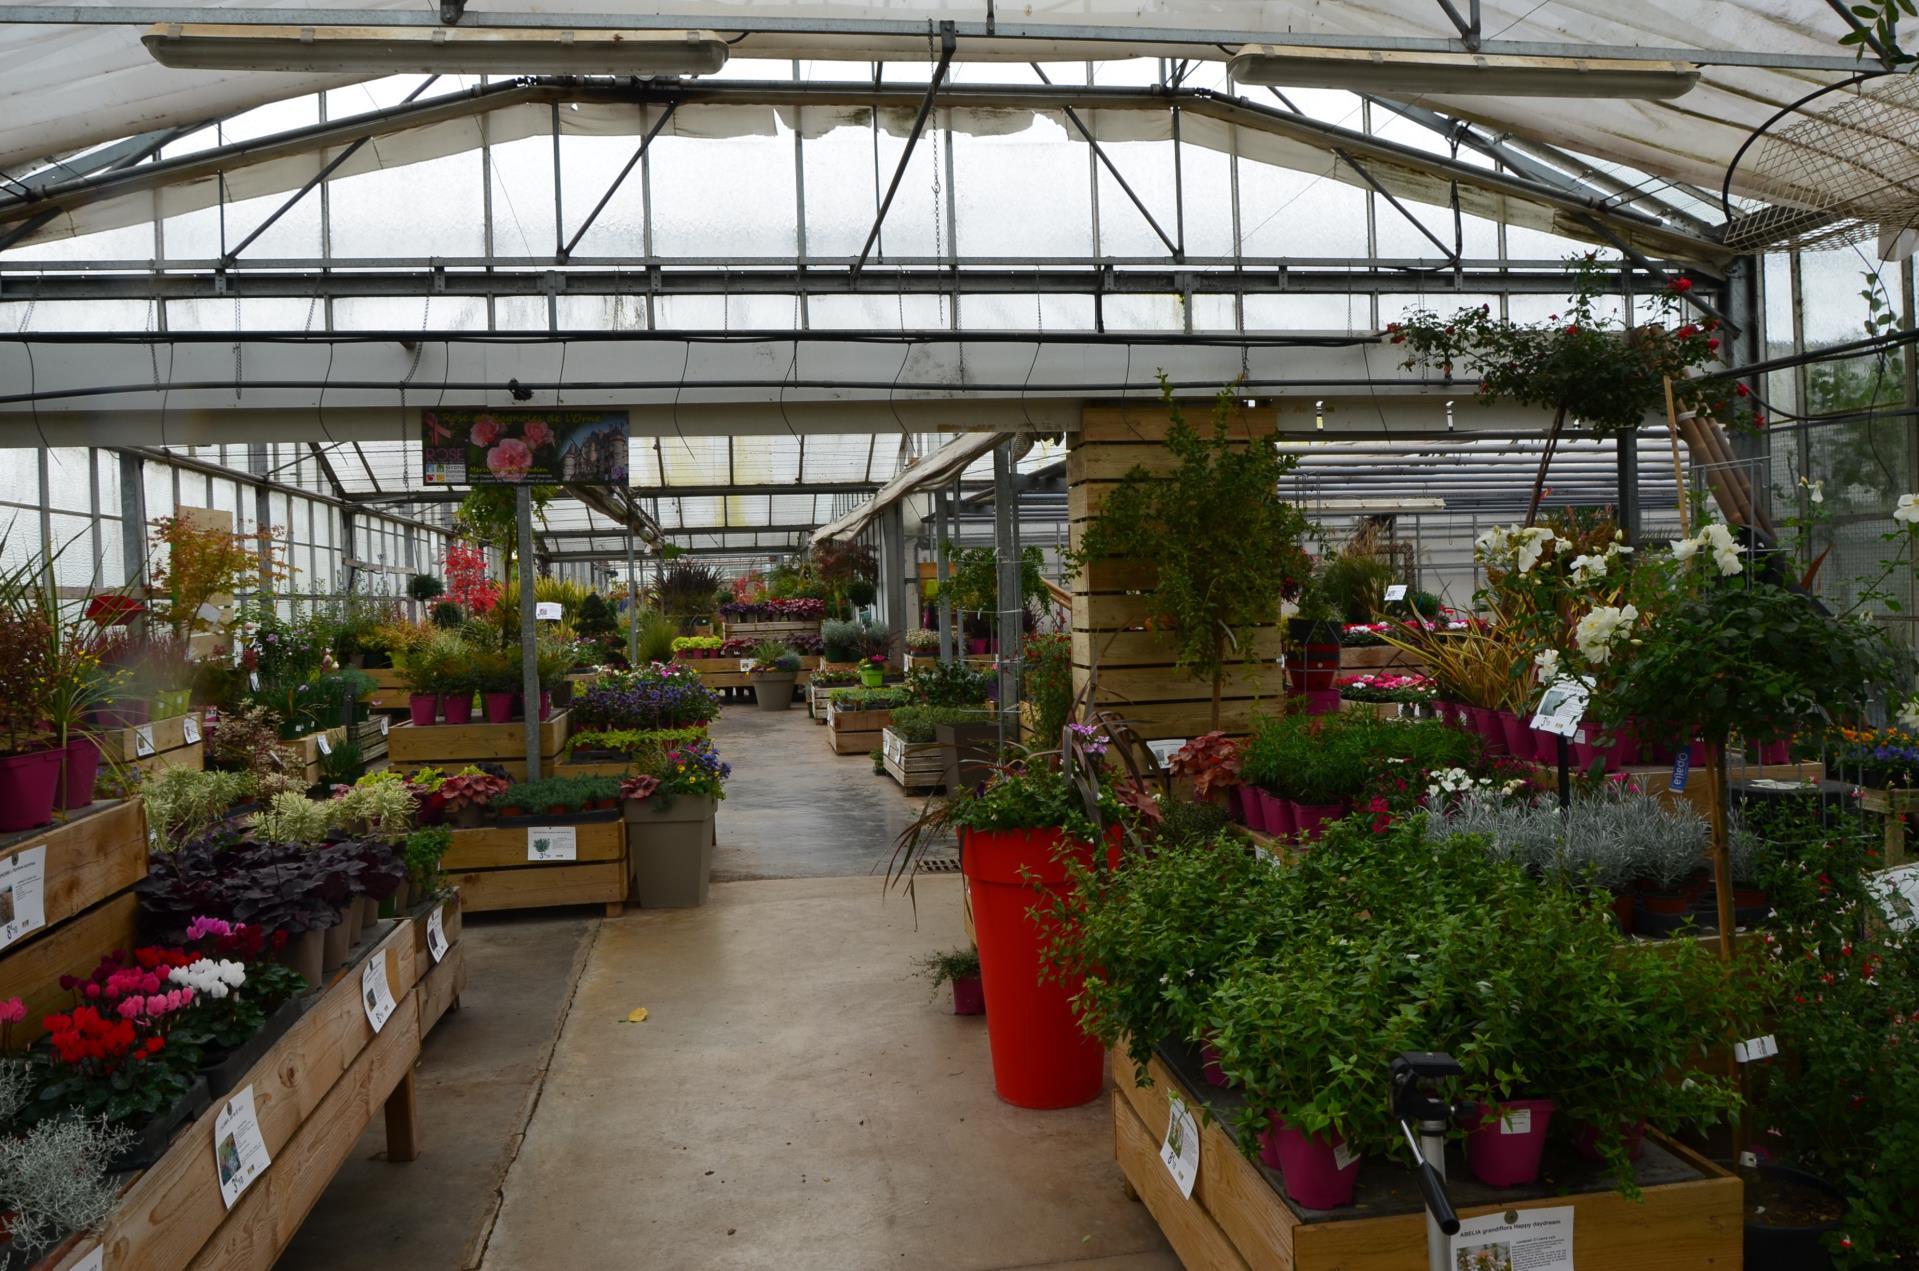 Couleurs Jardin - Horticulteur Et Pépiniériste À Clinchamps ... encequiconcerne Pot Couleur Jardin